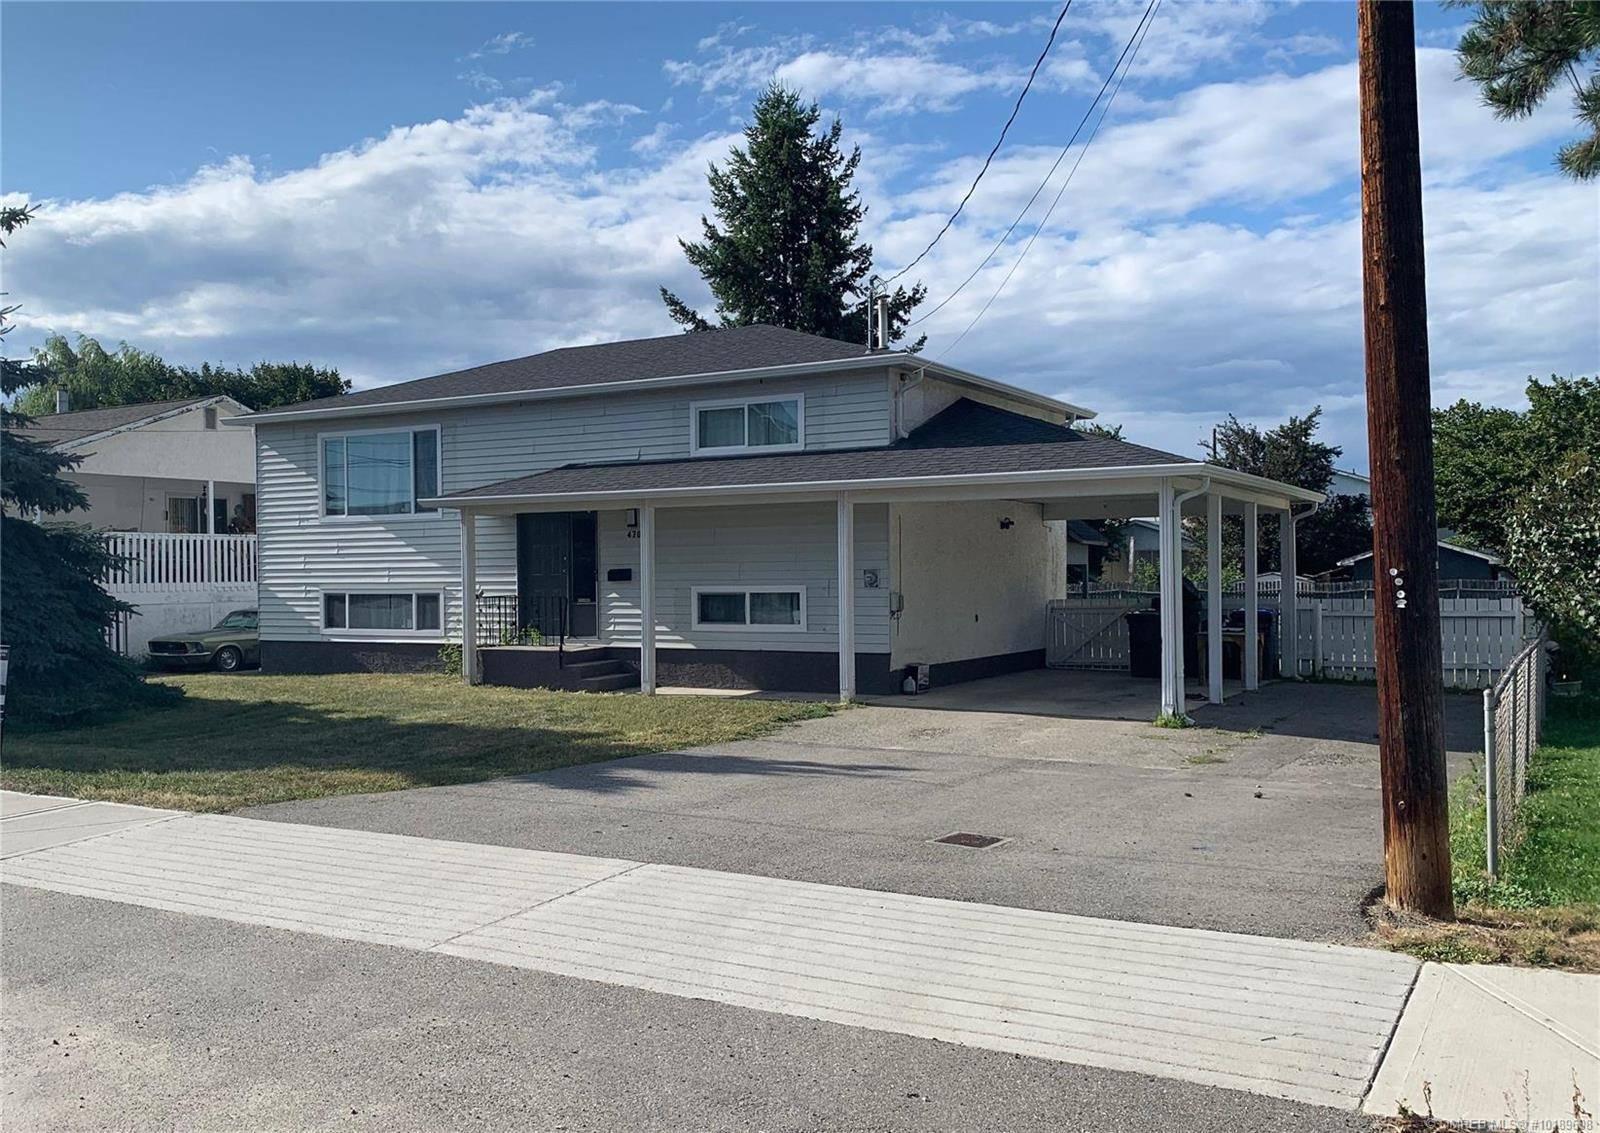 House for sale at 470 Hardie Rd Kelowna British Columbia - MLS: 10189608